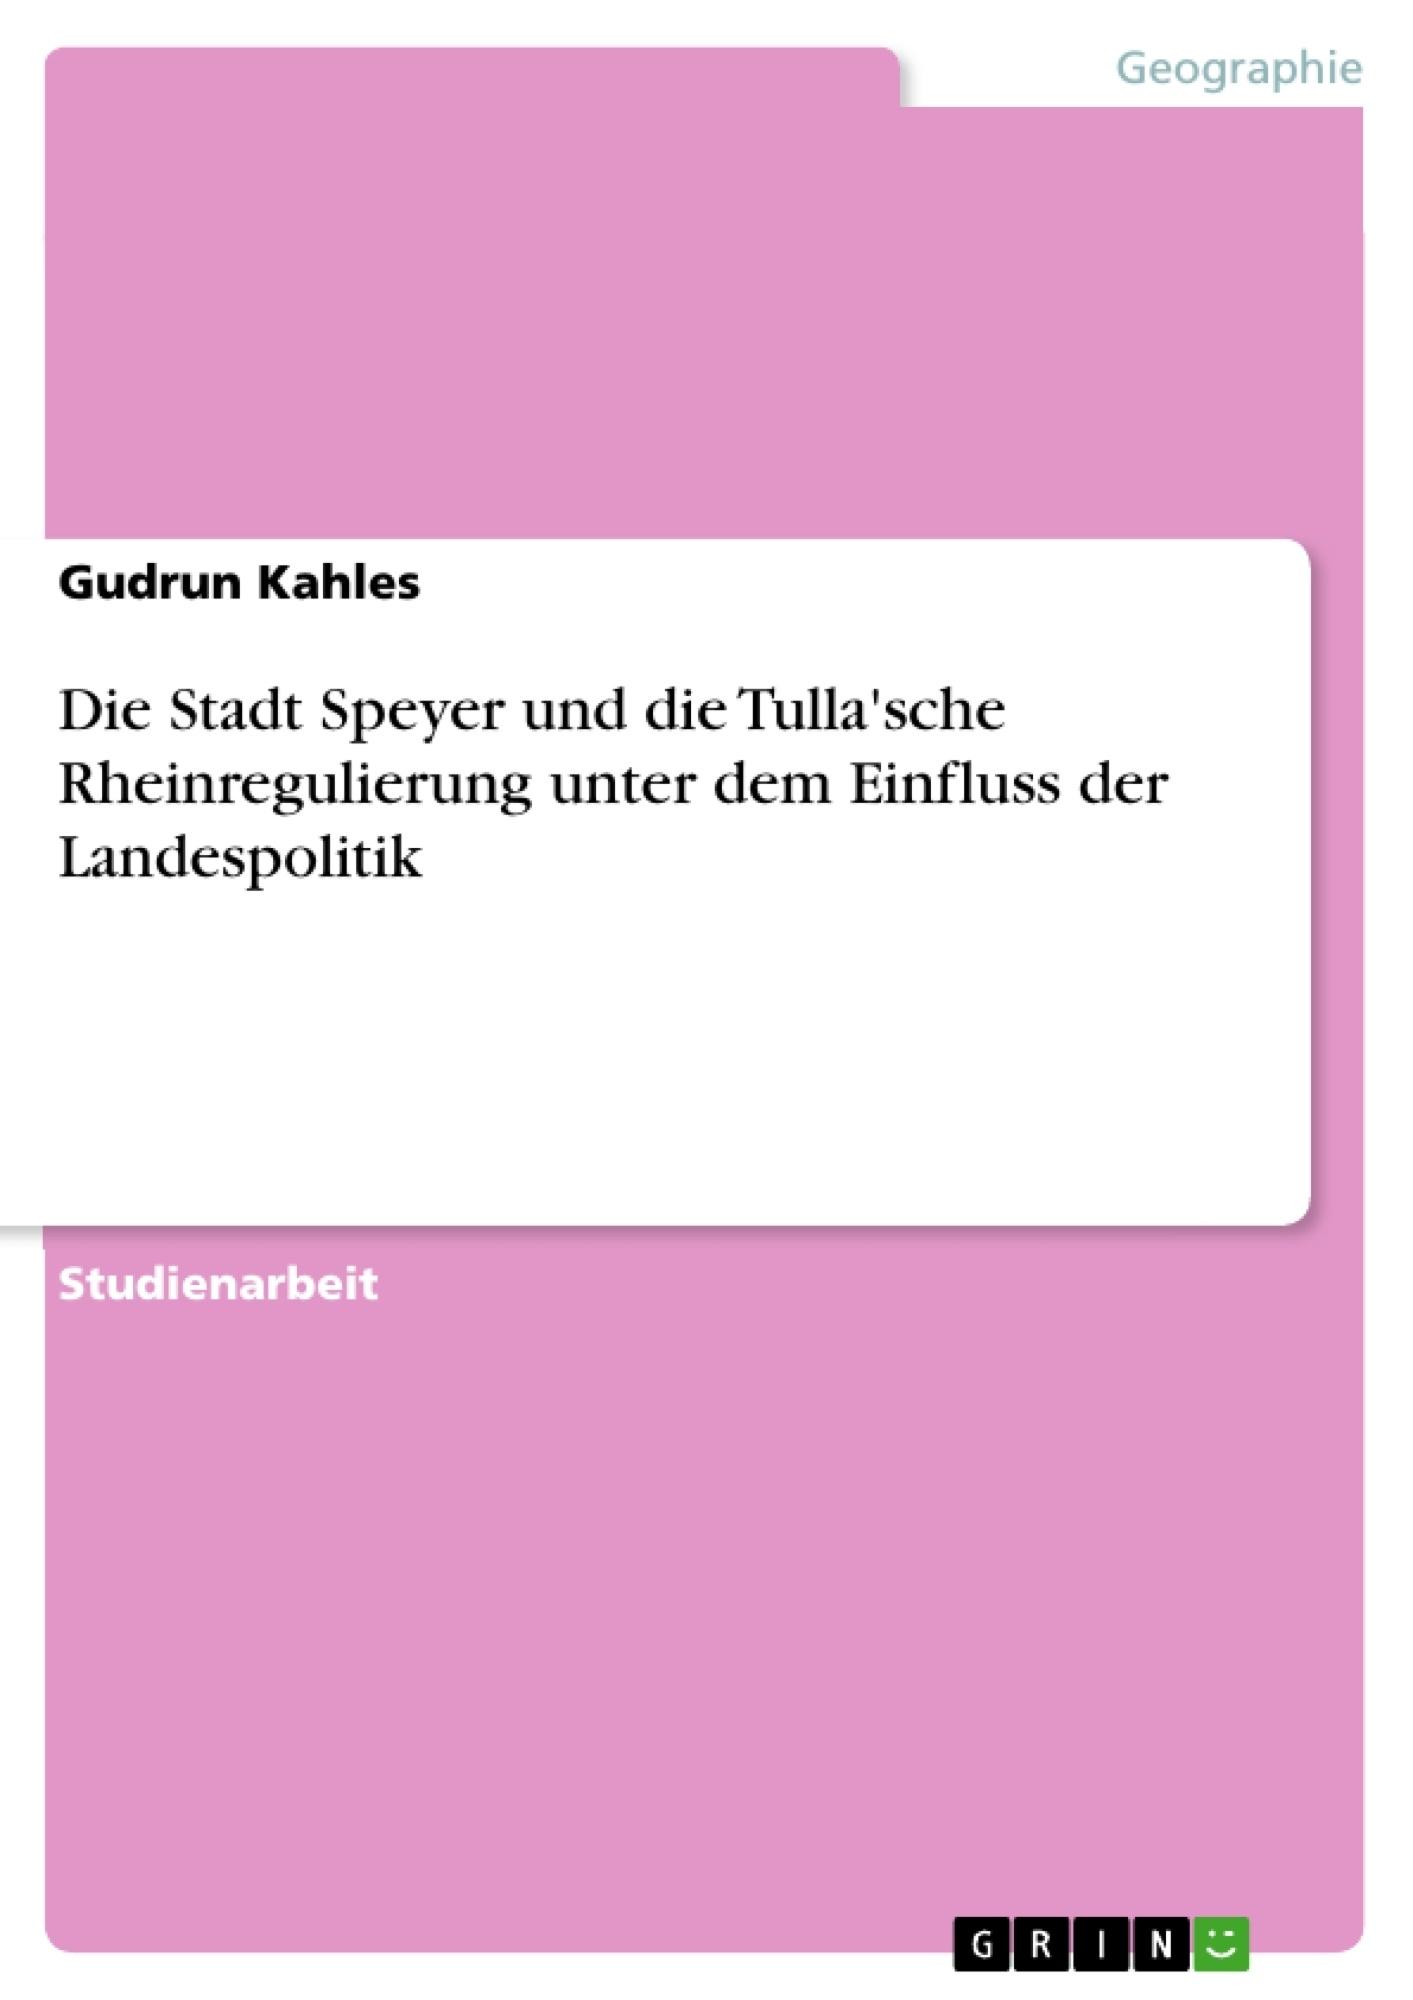 Titel: Die Stadt Speyer und die Tulla'sche Rheinregulierung unter dem Einfluss der Landespolitik